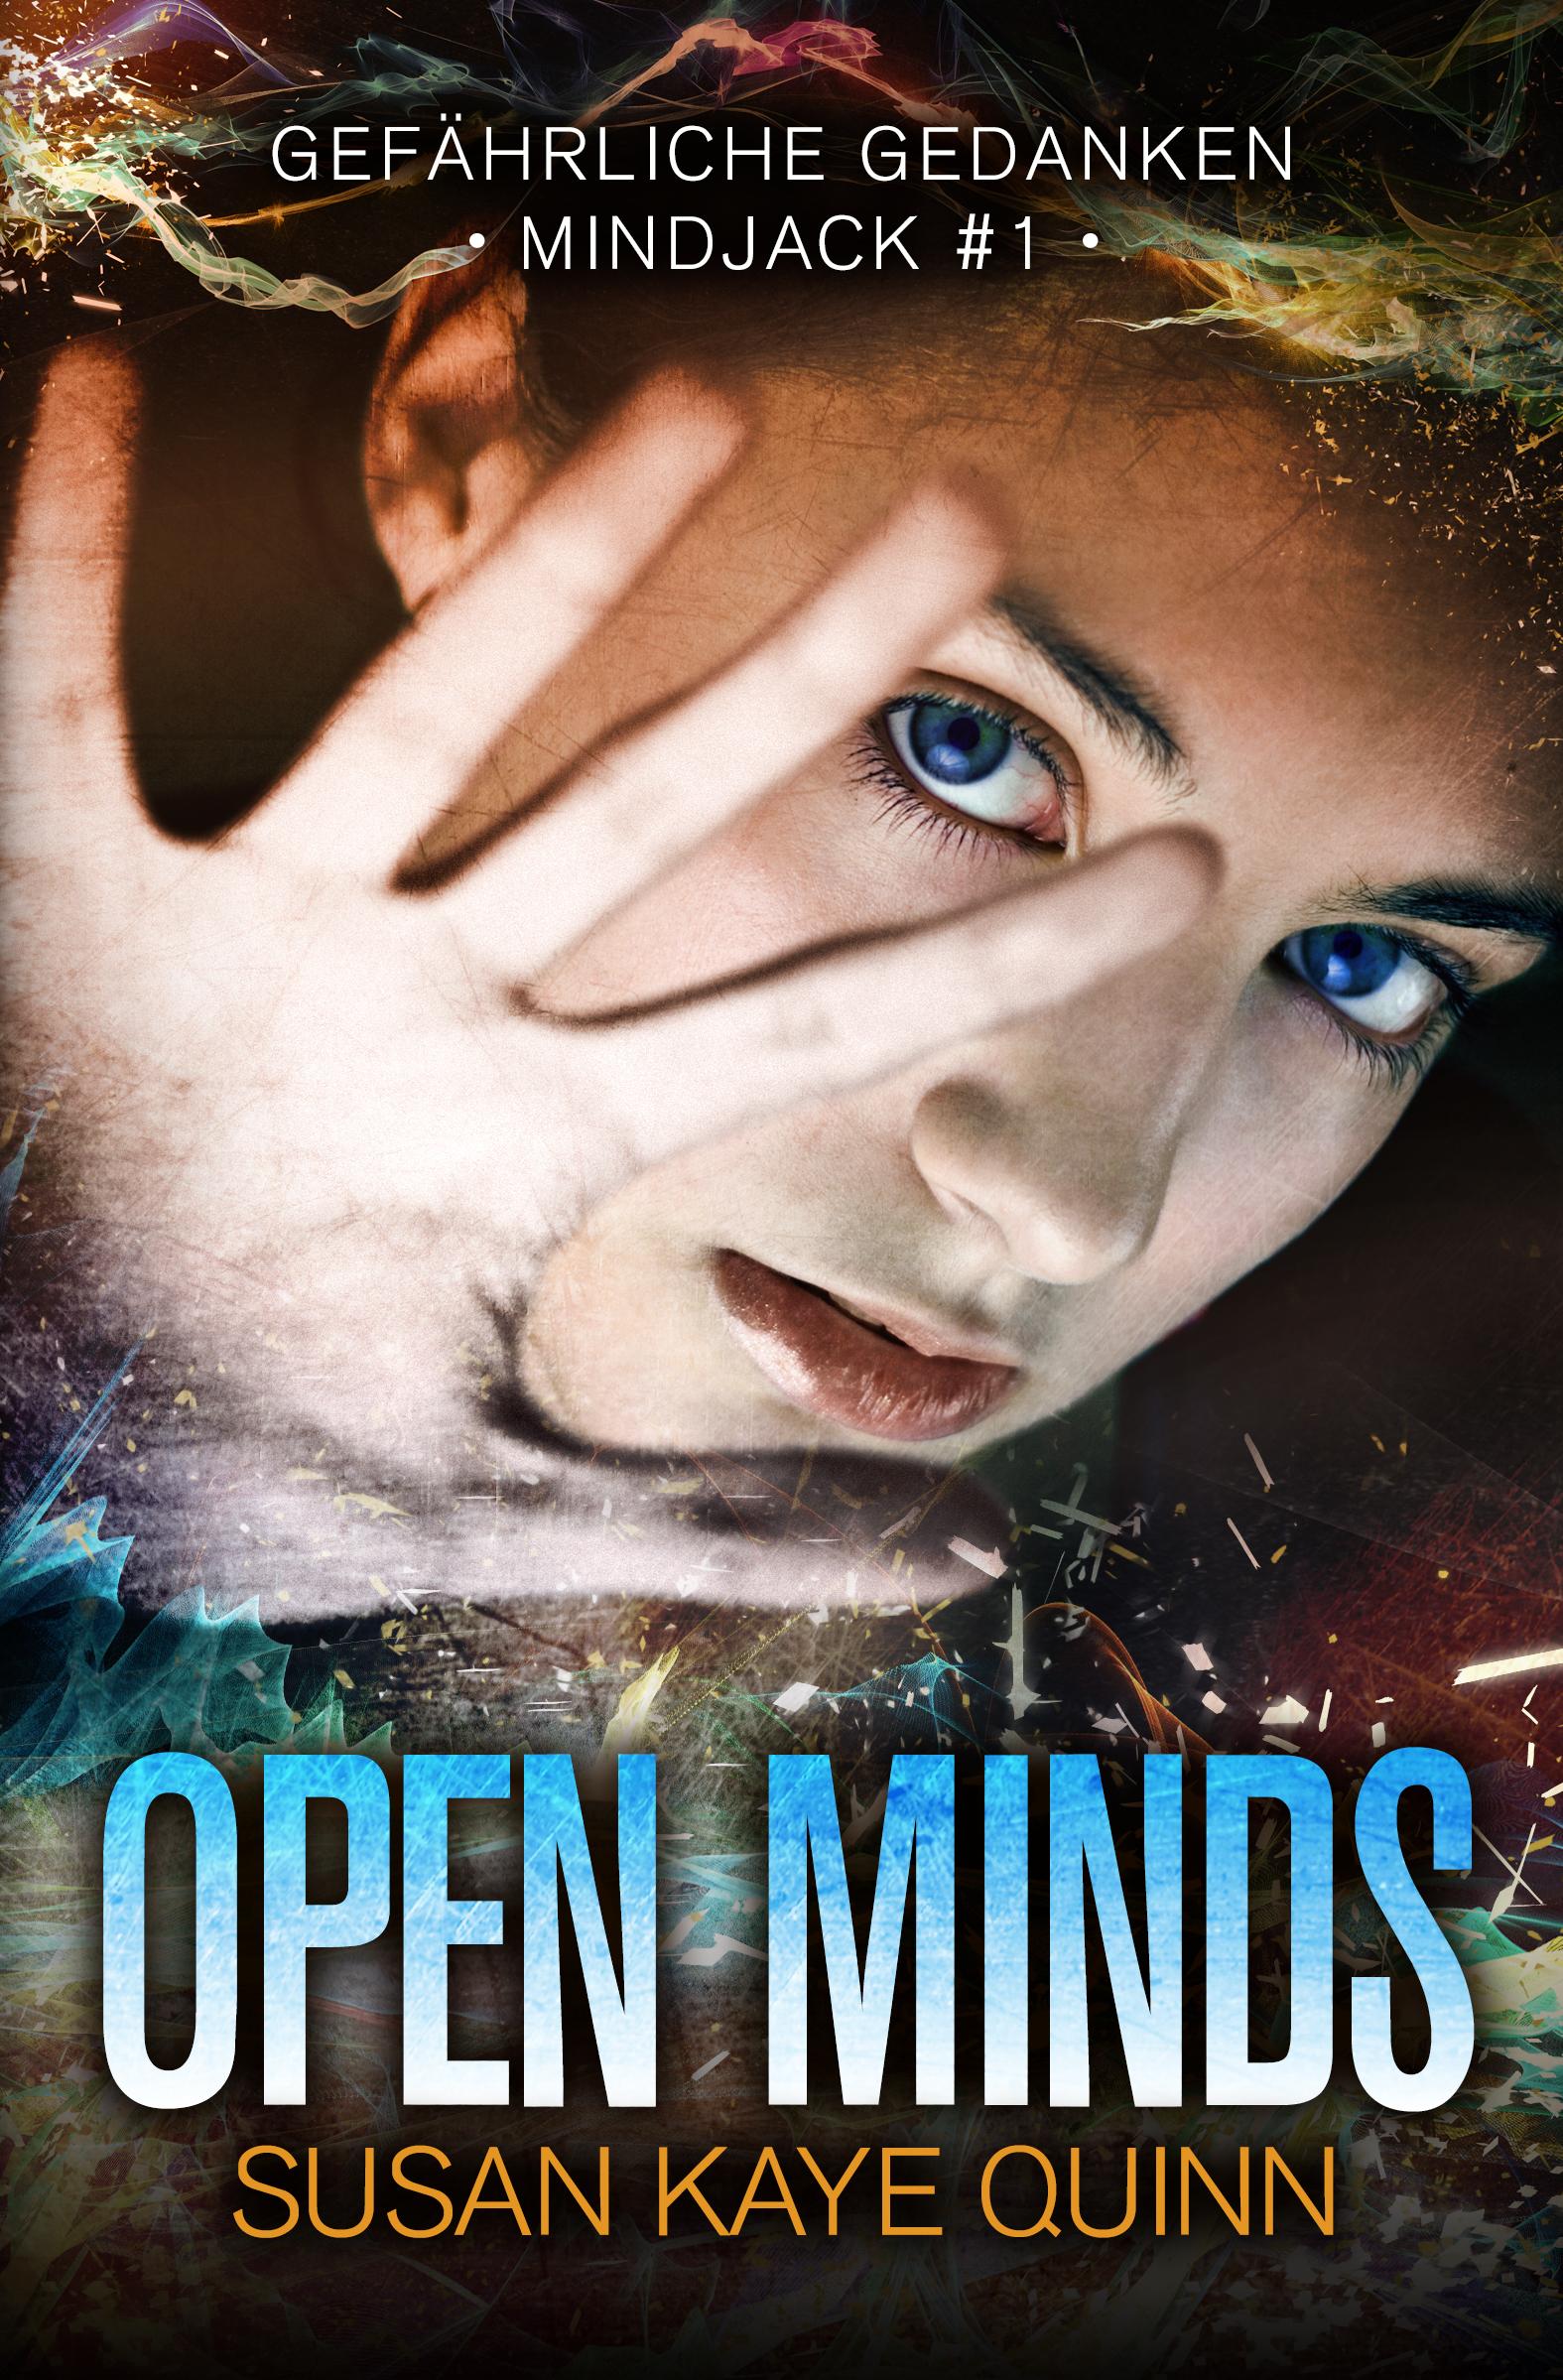 Susan Kaye Quinn – Open Minds: Gefährliche Gedanken